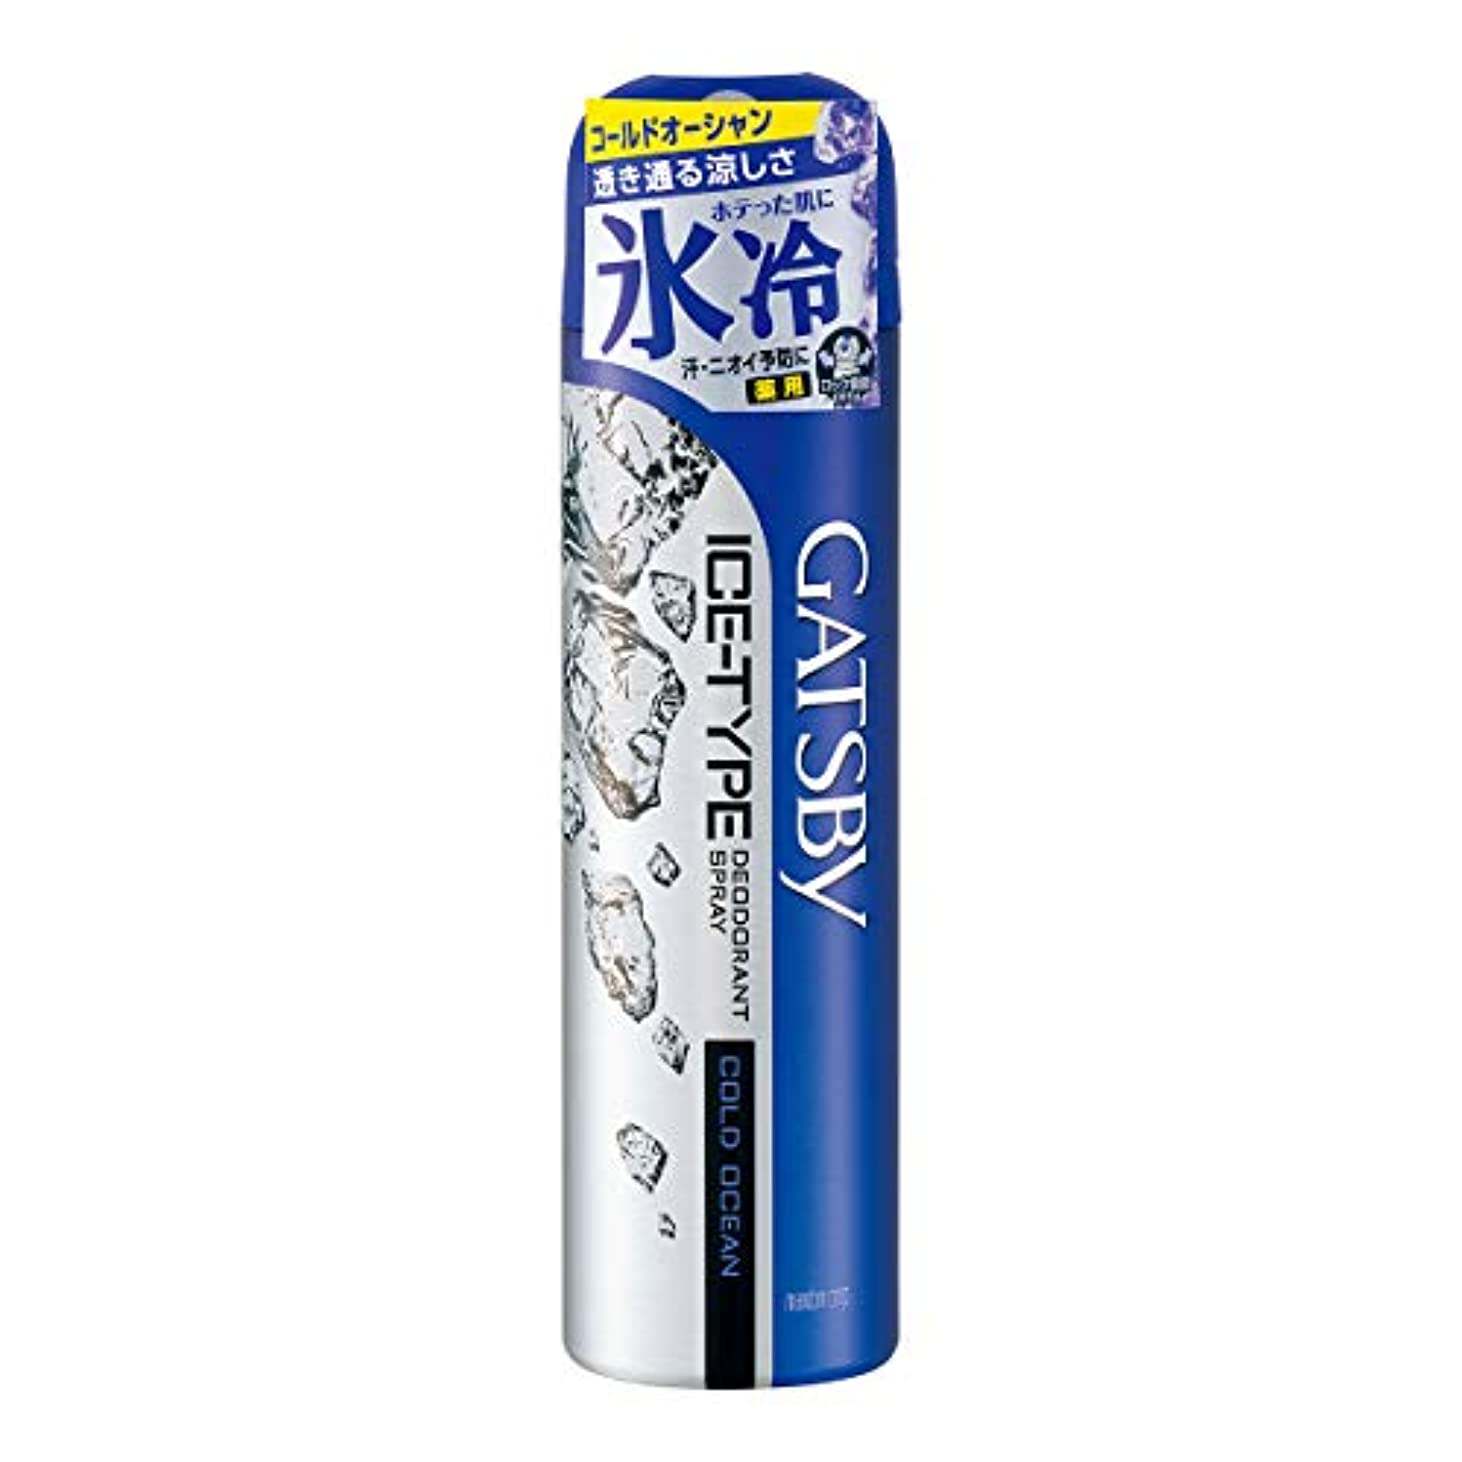 文芸空意図的ギャツビー アイスデオドラントスプレー コールドオーシャン 135g (医薬部外品)